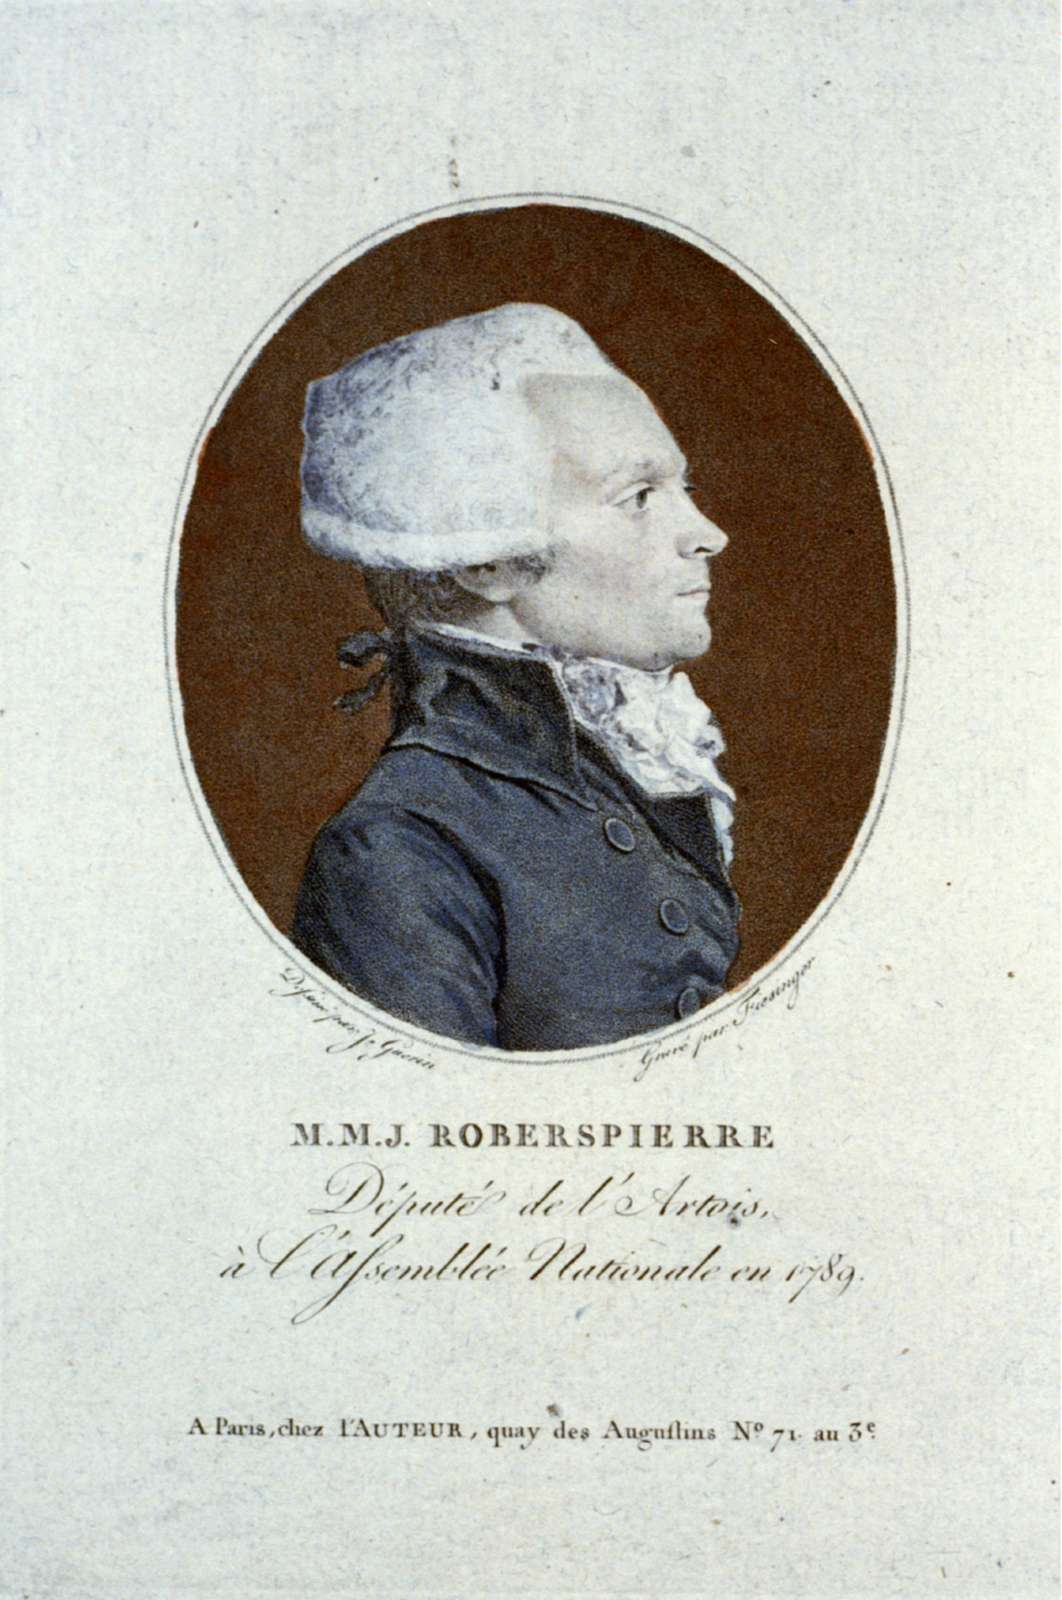 M.M.J. Robespierre Député de l'Artois, à l'Assemblée Nationale en 1789 / / dessiné par J. Guerin ; gravé par Fiesinger.